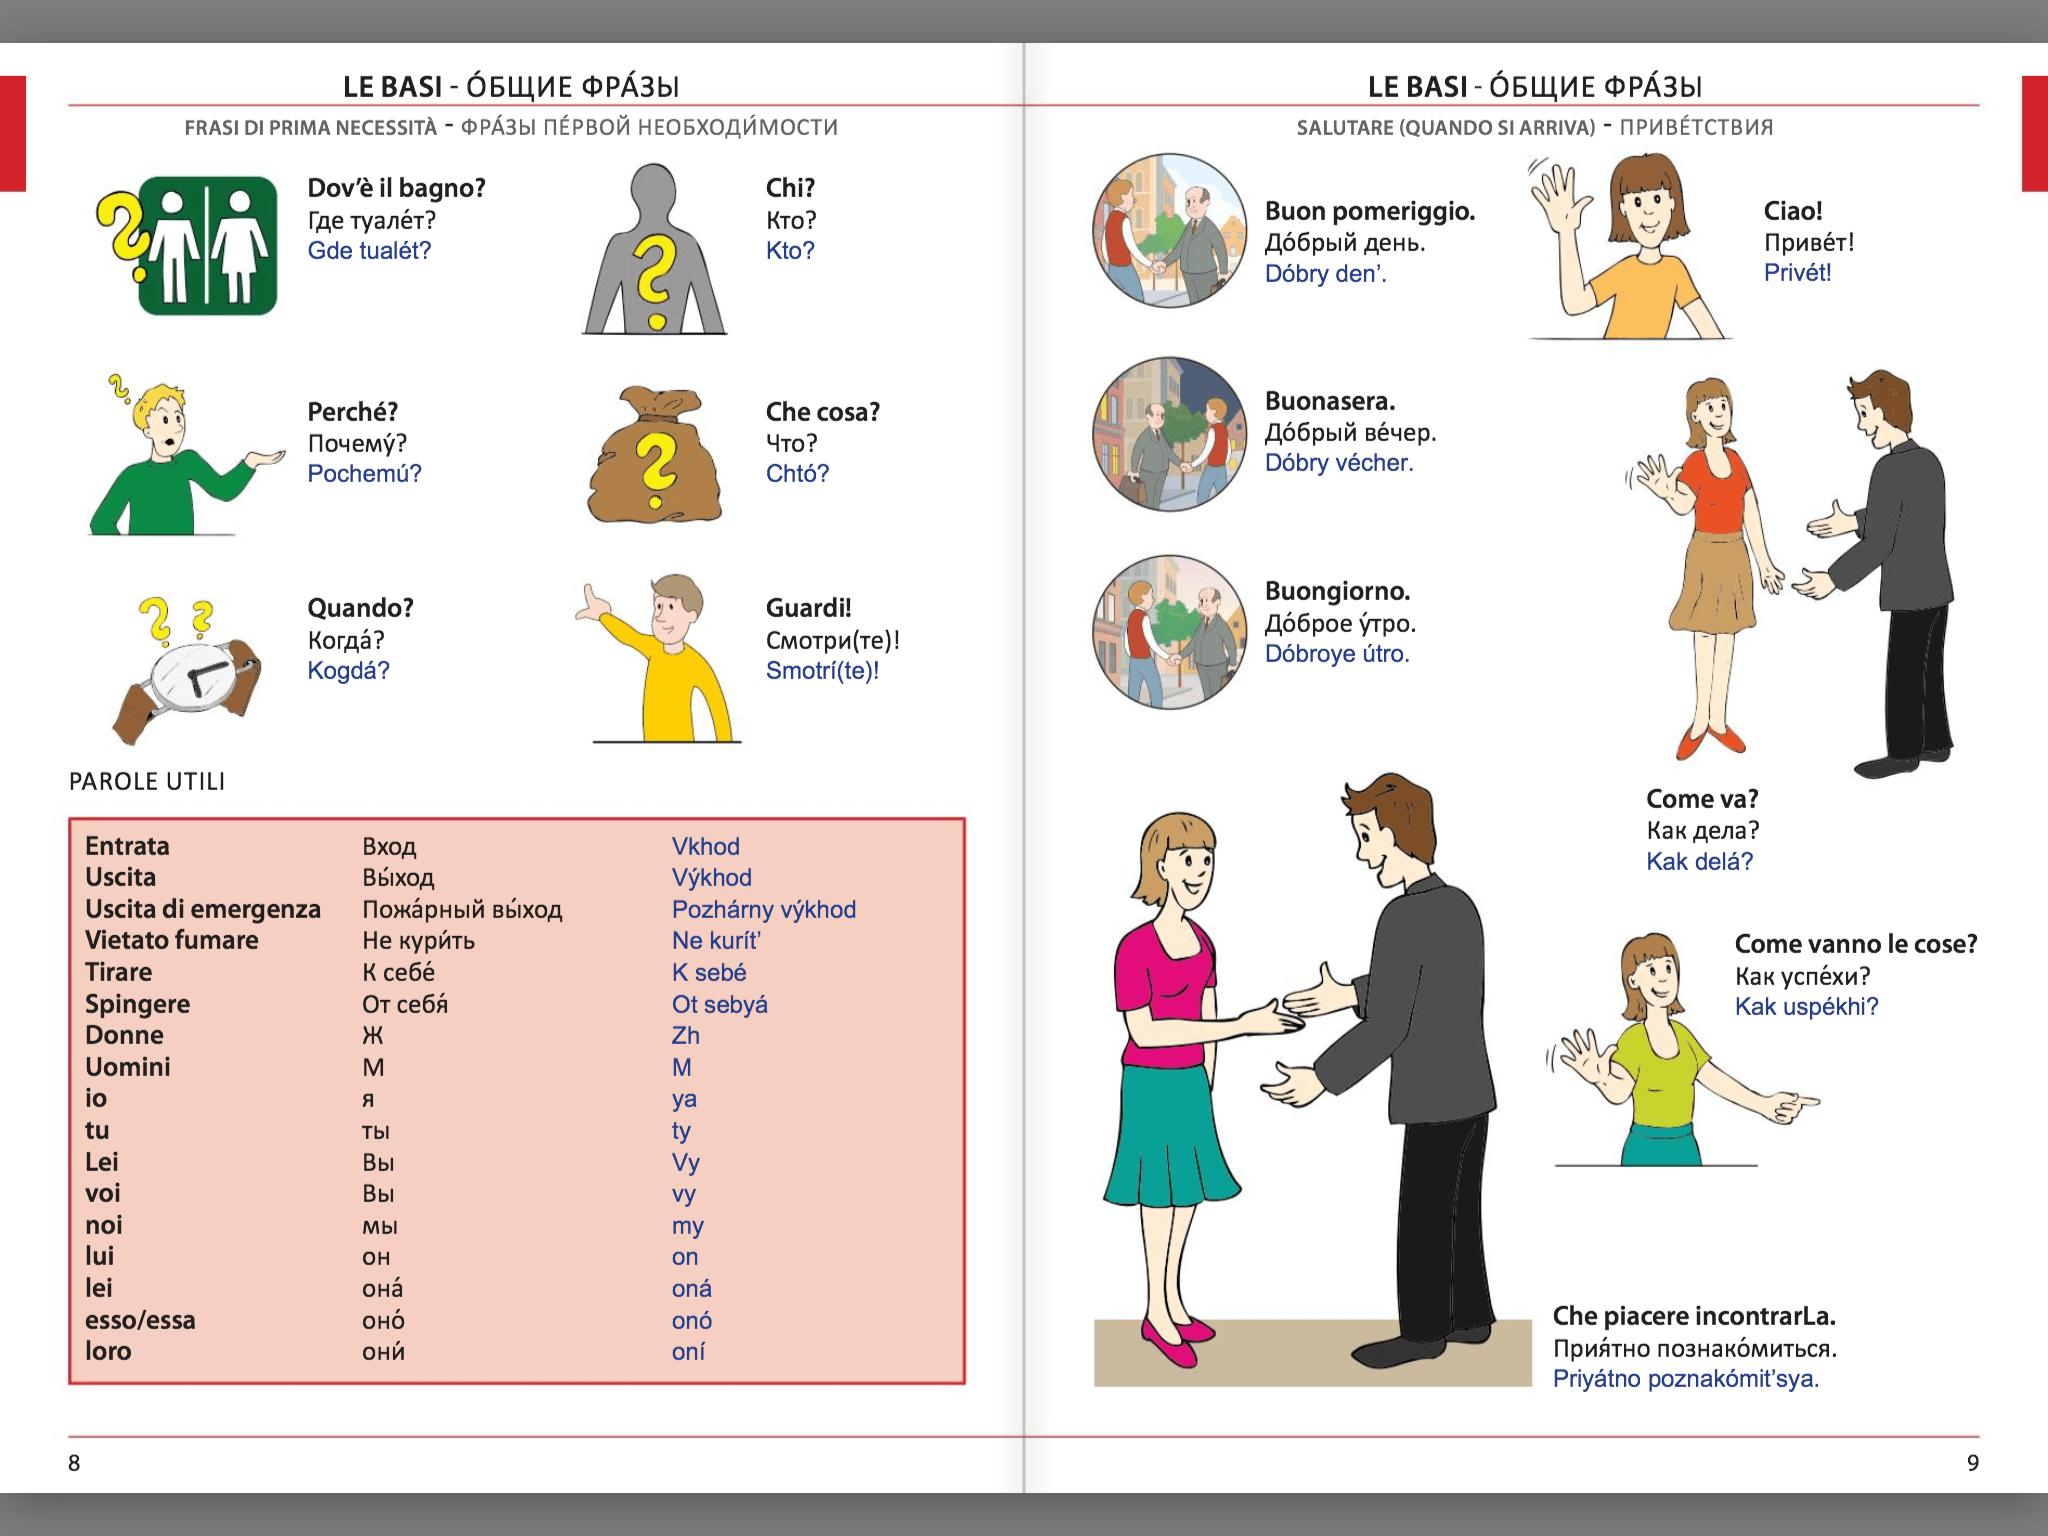 Manuale di conversazione illustrato Italiano-Russo